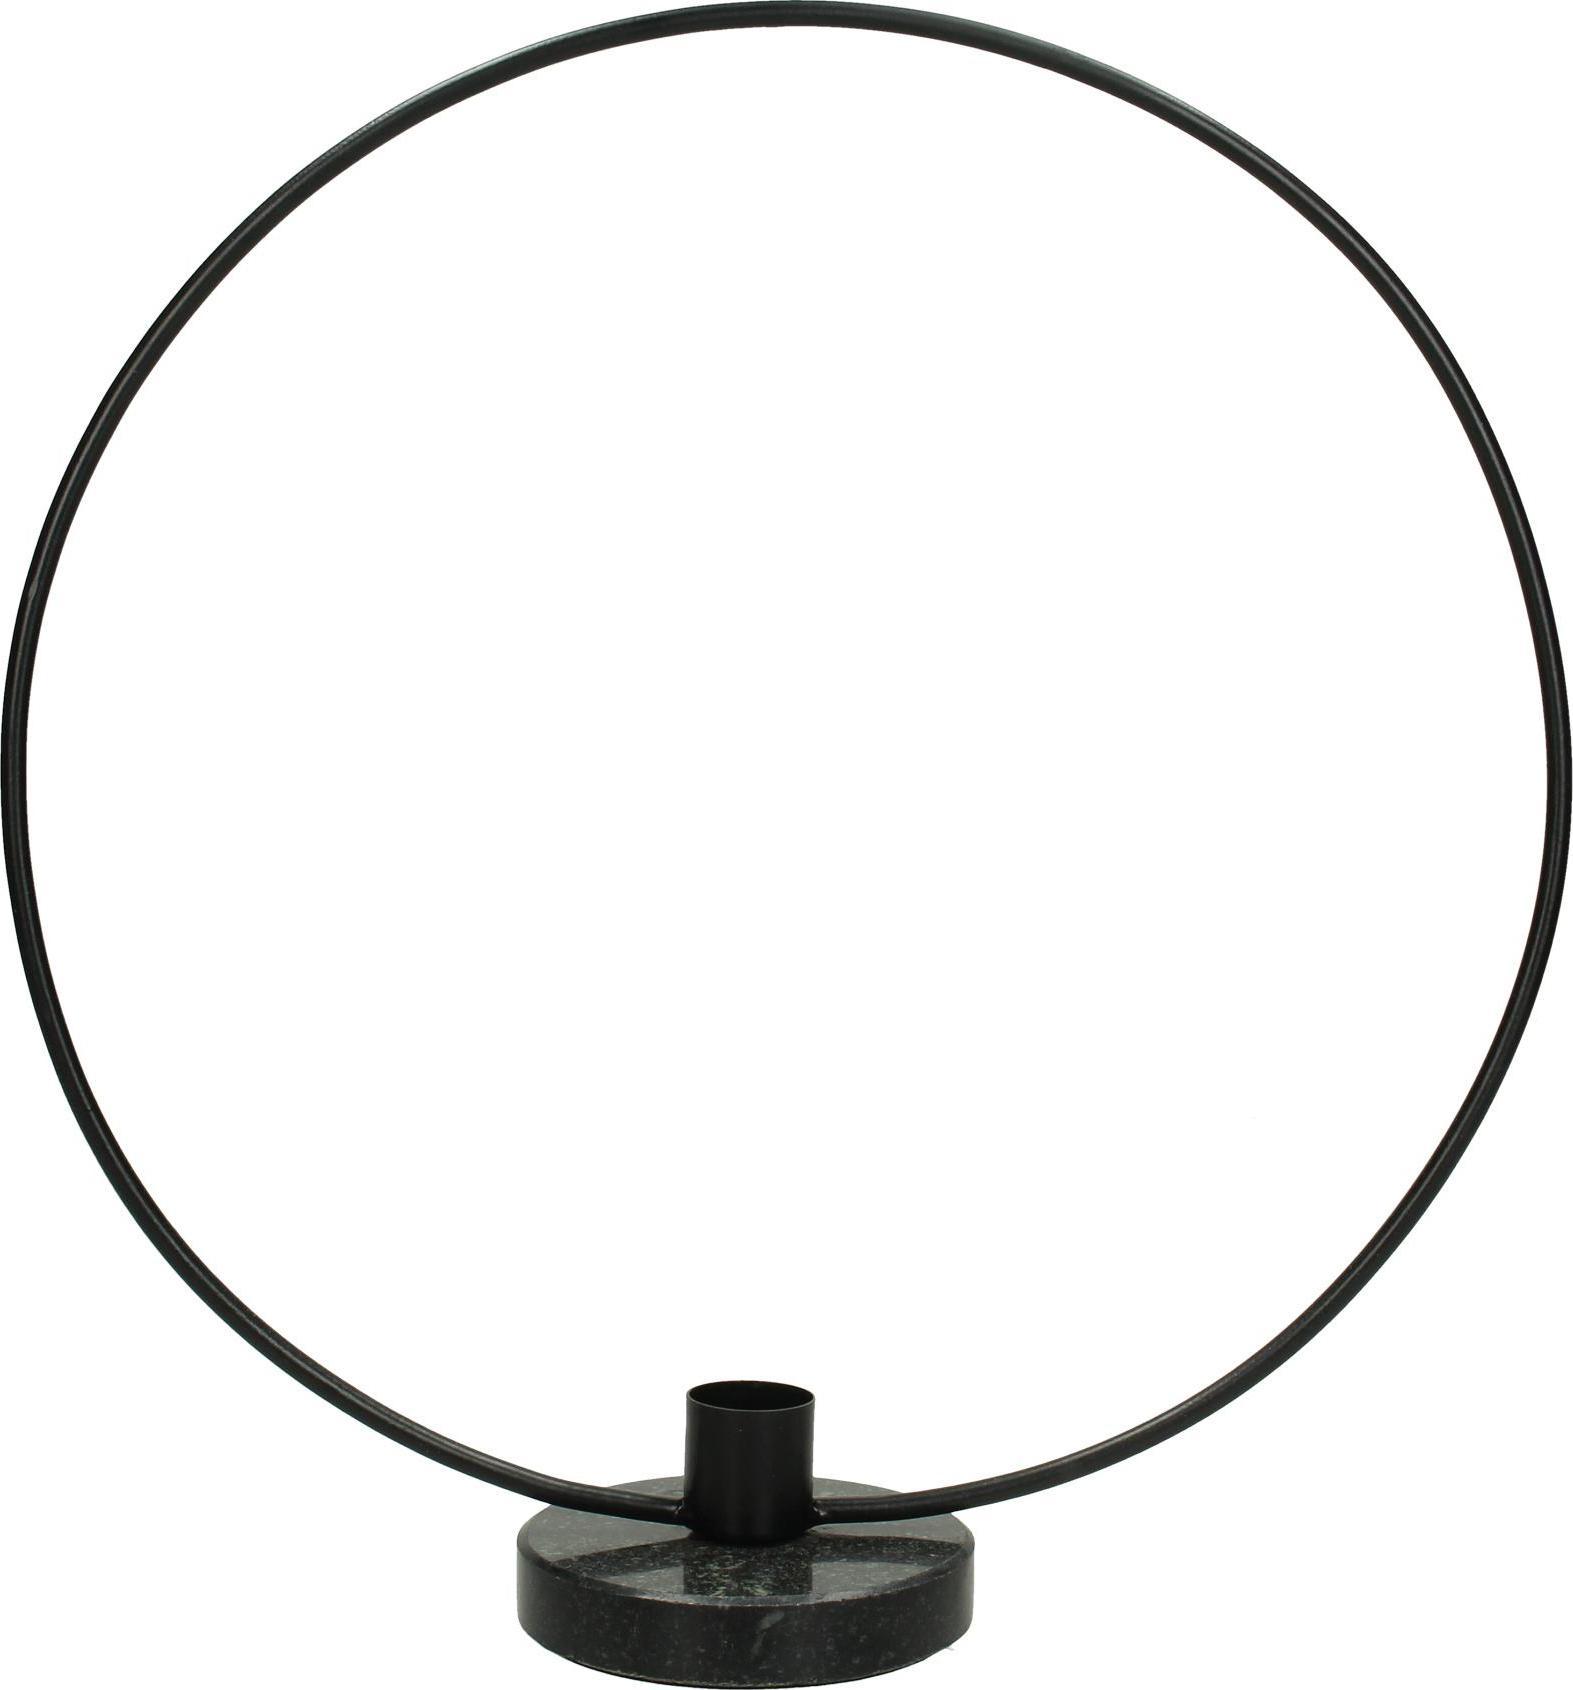 Candelabro Wrights, Metallo rivestito, Nero, Larg. 28 x Alt. 30 cm